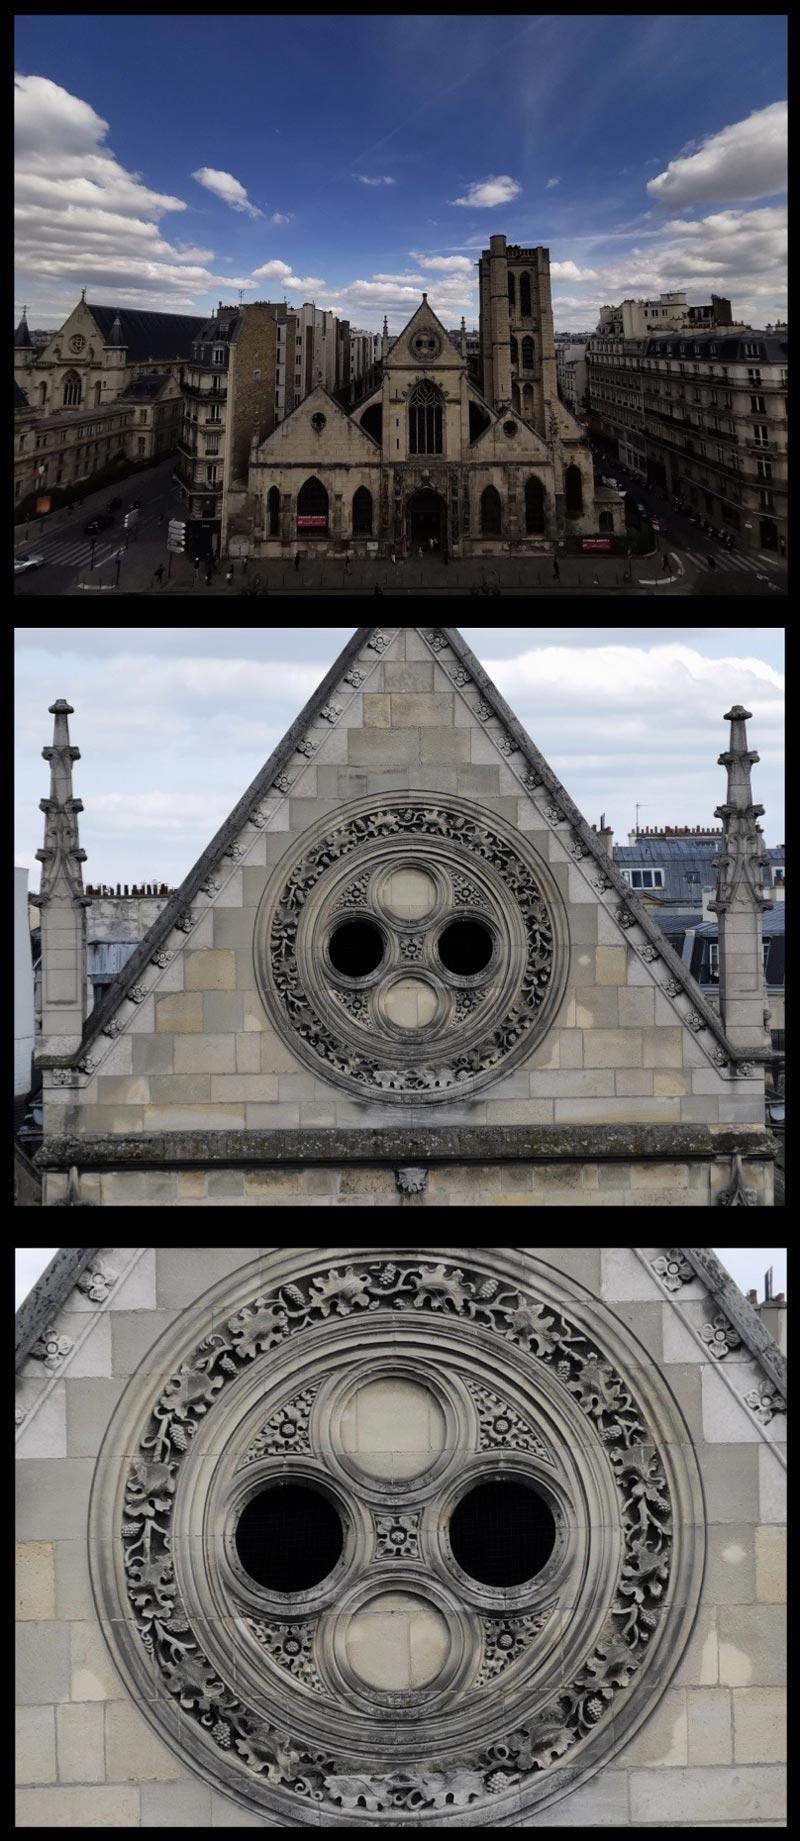 Église Saint-Nicholas-des-Champs, aux zooms 0,6x, 5x et 10x du Huawei P20 Pro, Paris, 2019, Ph. Moctar KANE.